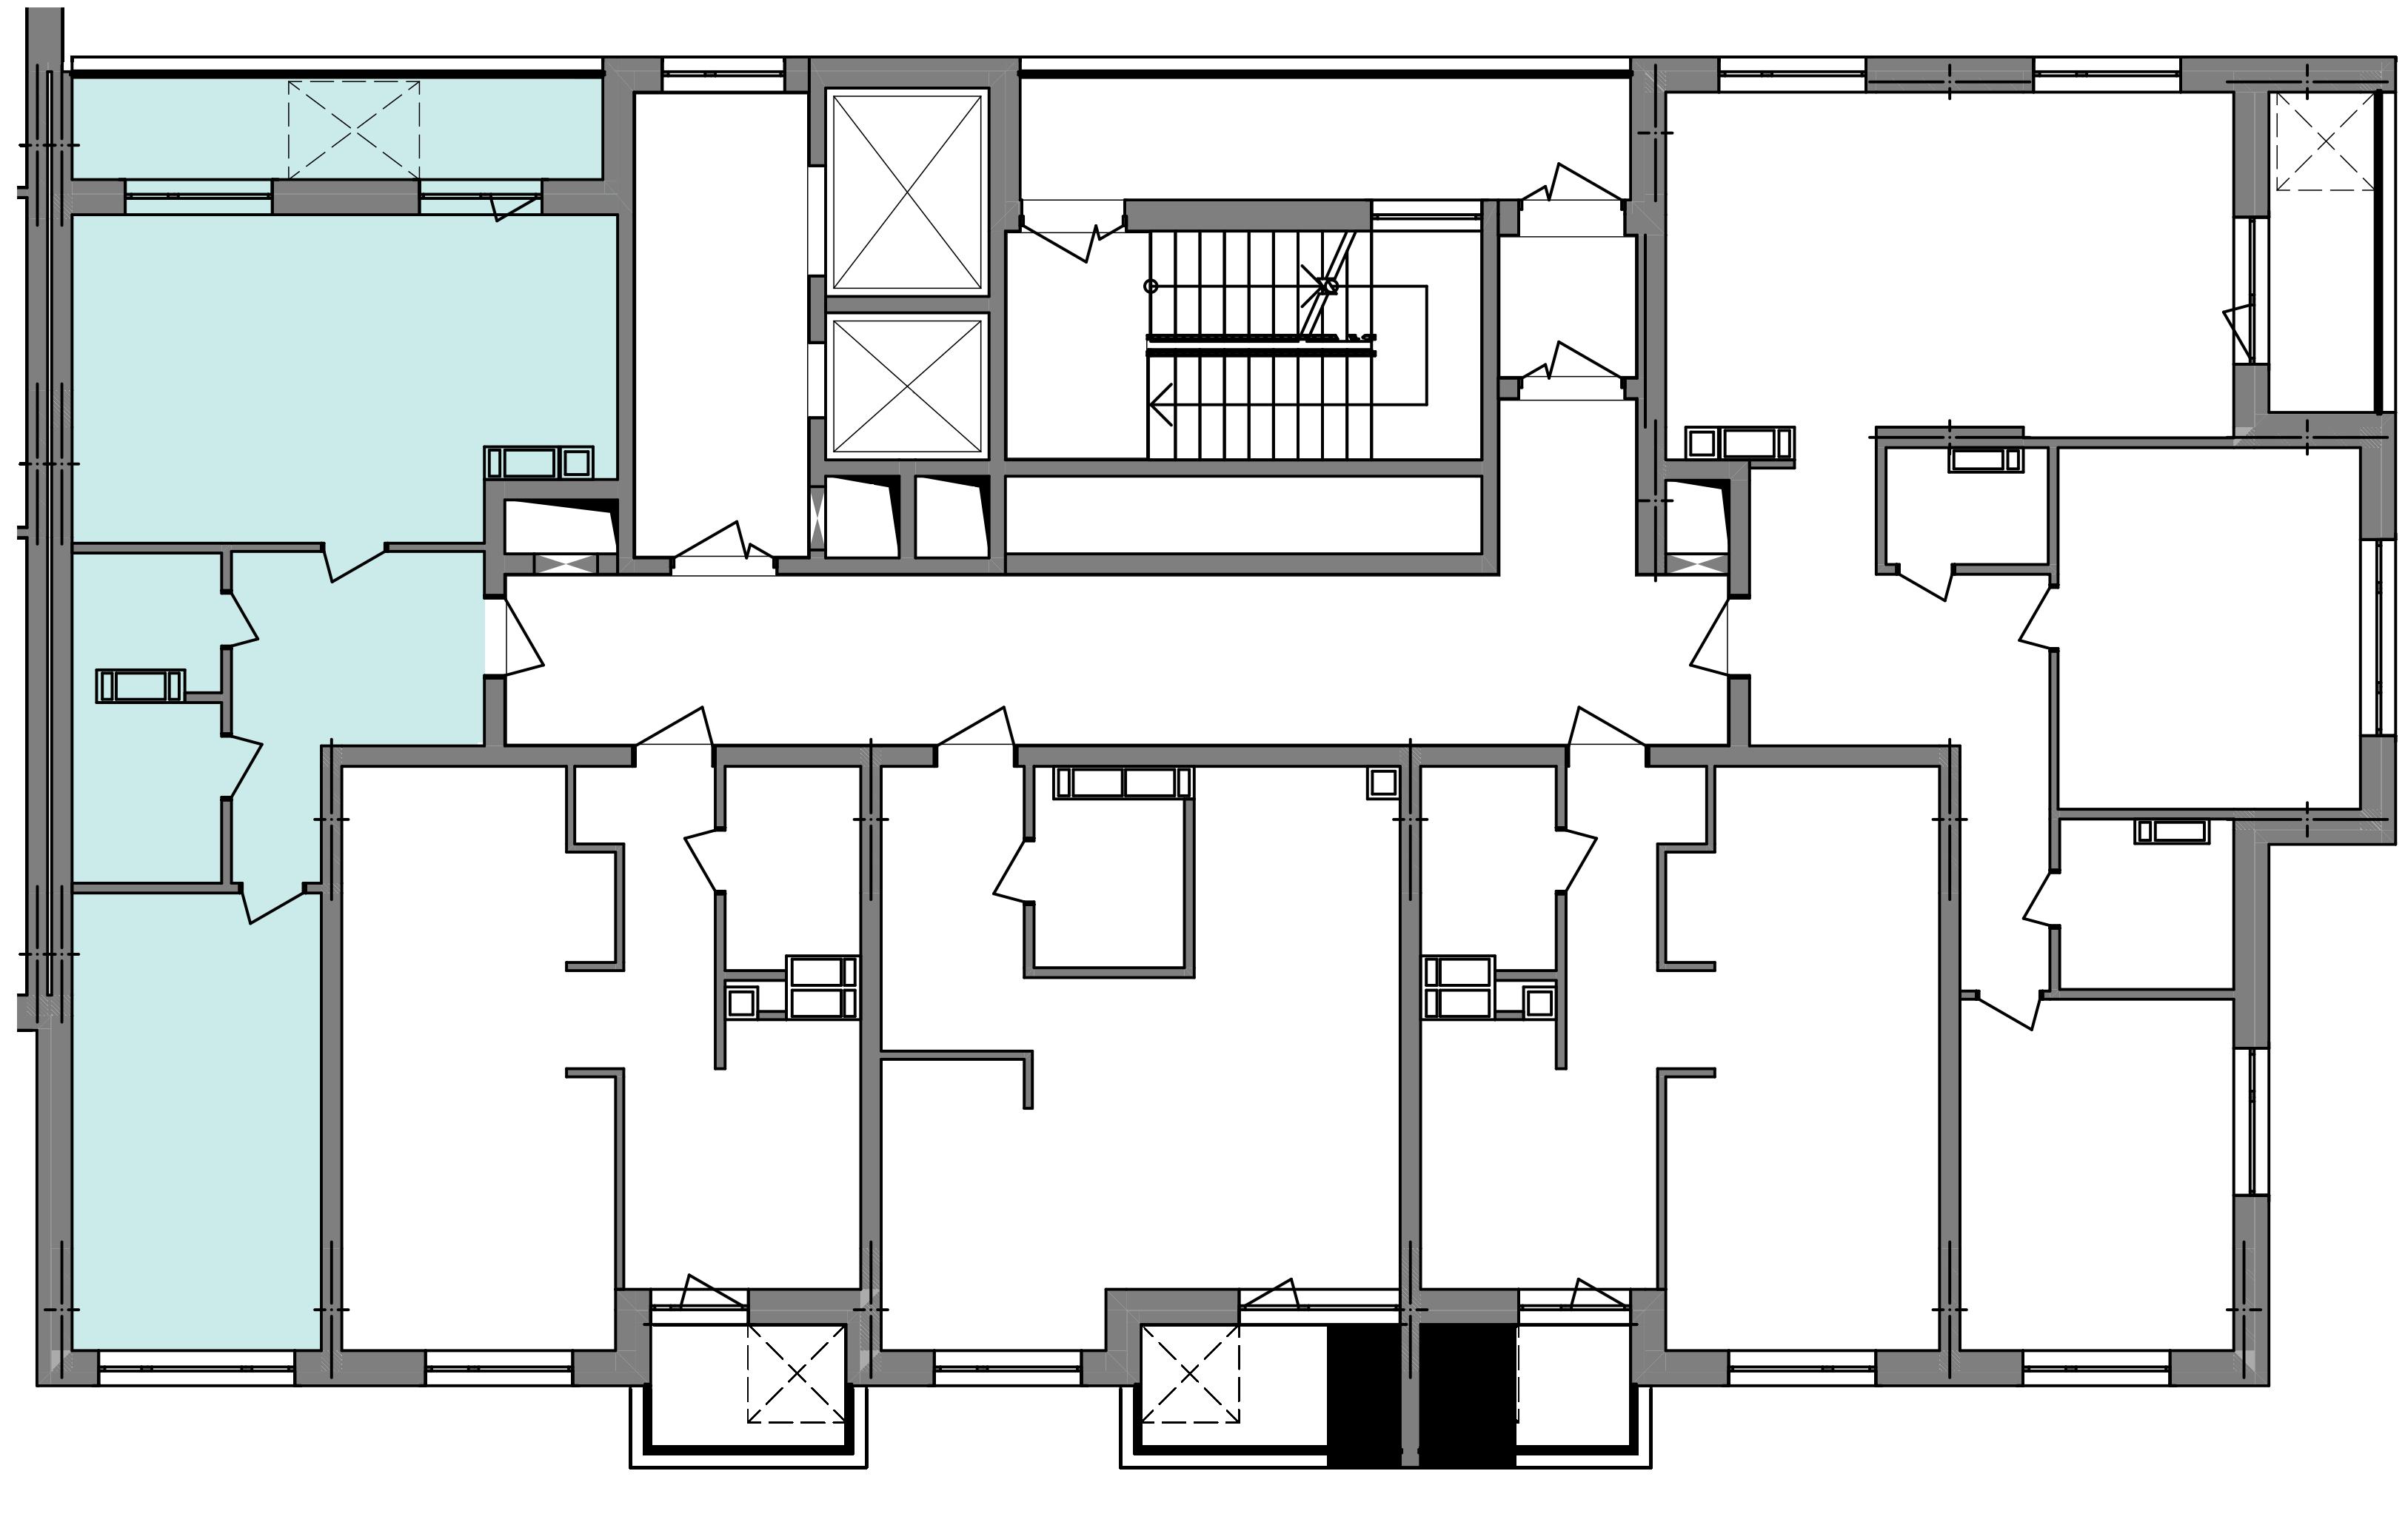 Двухкомнатная квартира 59,72 кв.м., тип 2.2, дом  3, секция 5 расположение на этаже